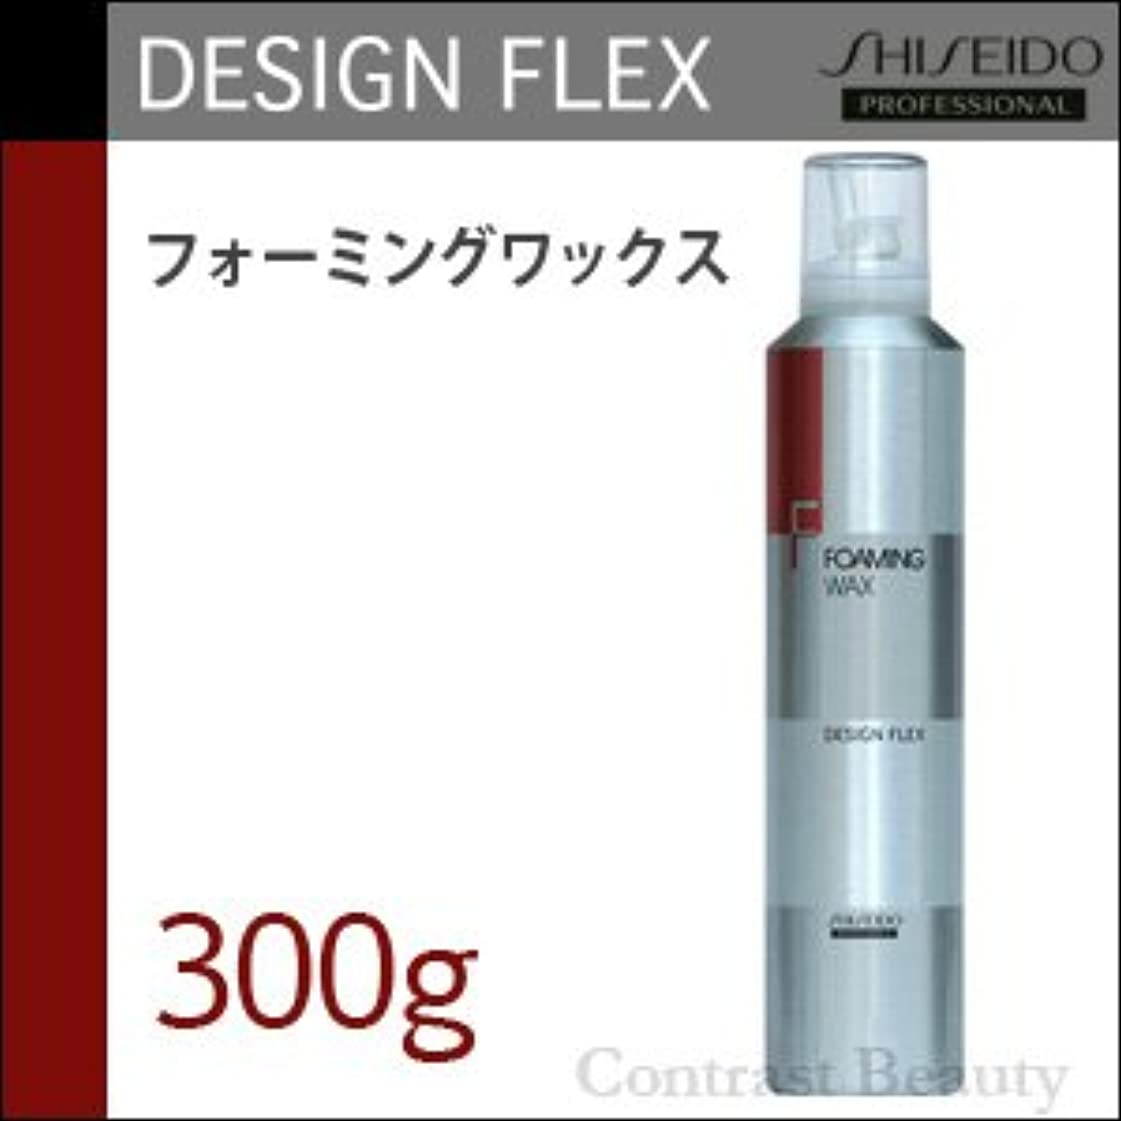 タイマー主人匹敵します【x5個セット】 資生堂 デザインフレックス フォーミングワックス 300g